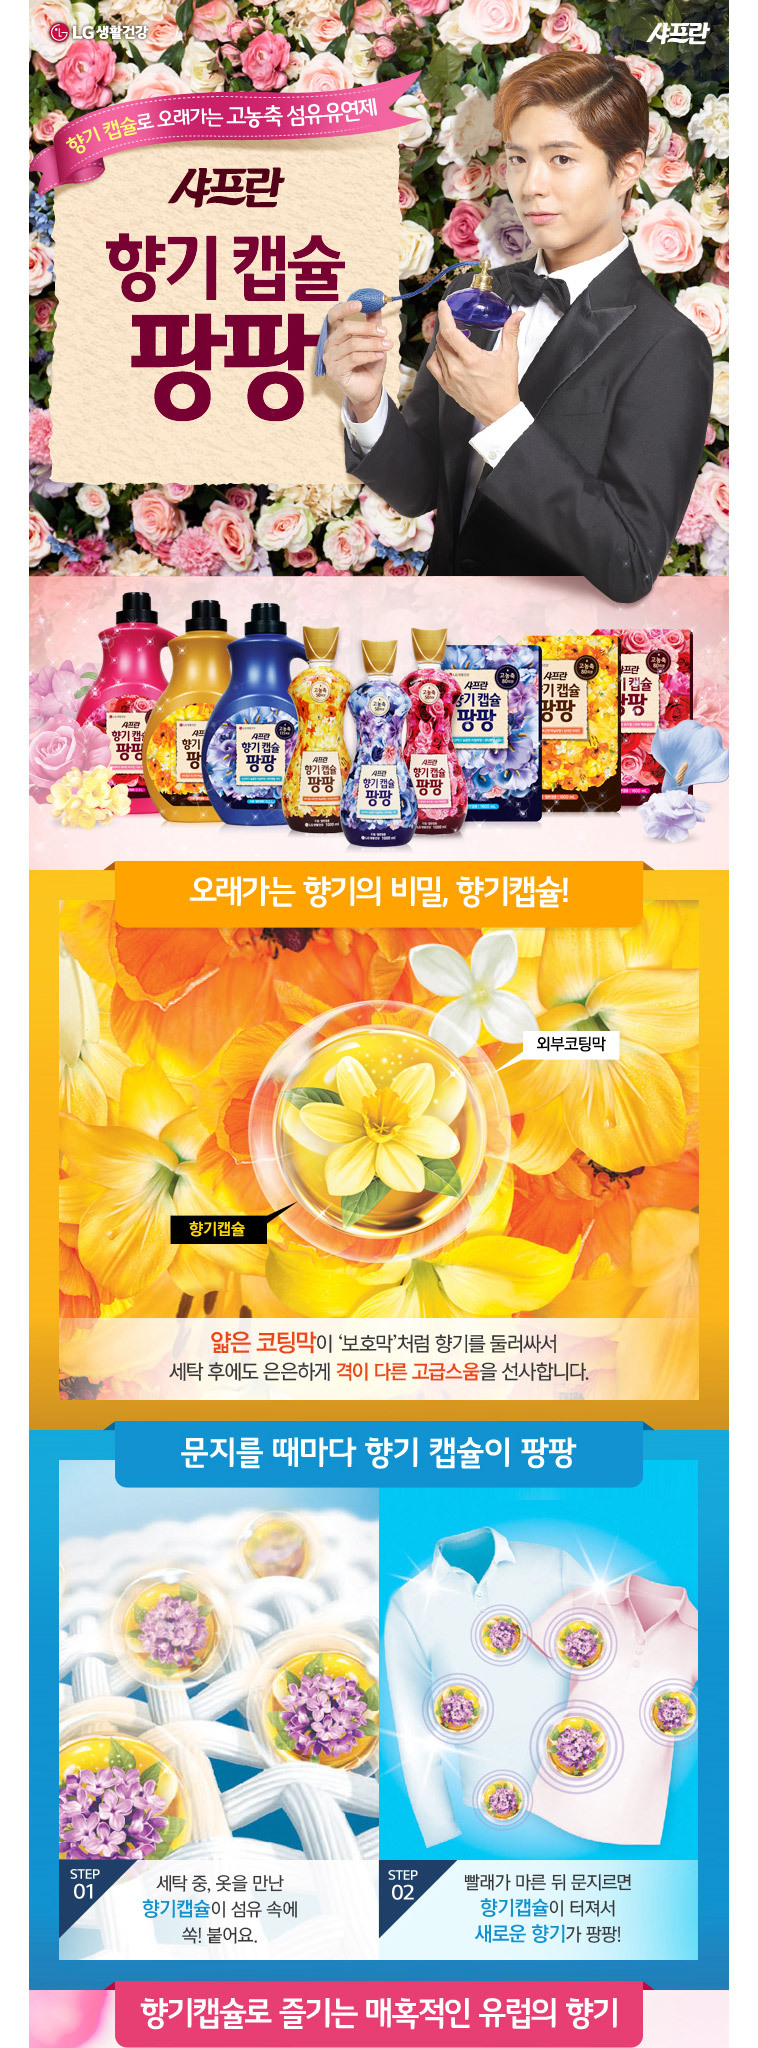 샤프란 향기캡슐팡팡 1600mlx4 - 상세정보